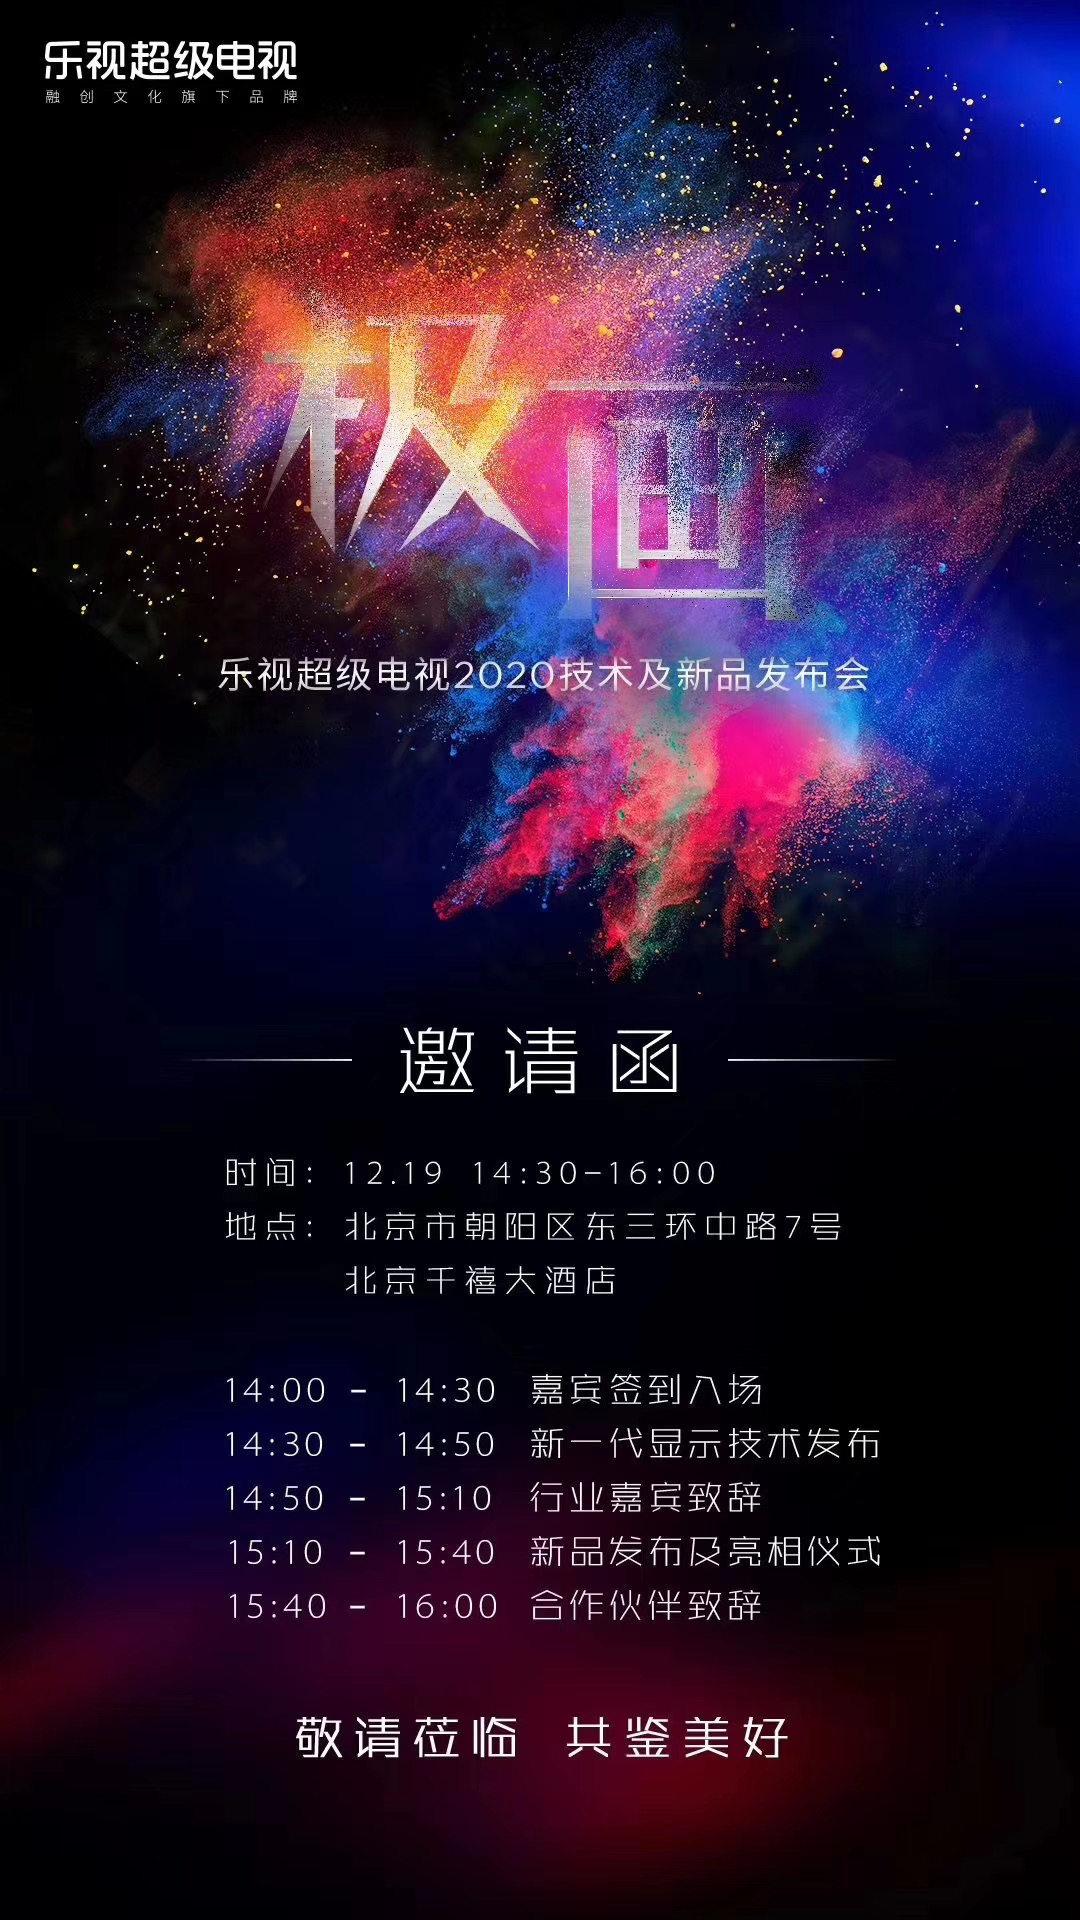 乐视超级电视2020新品发布会 或推全新量子点电视_-_热点资讯-苏宁优评网